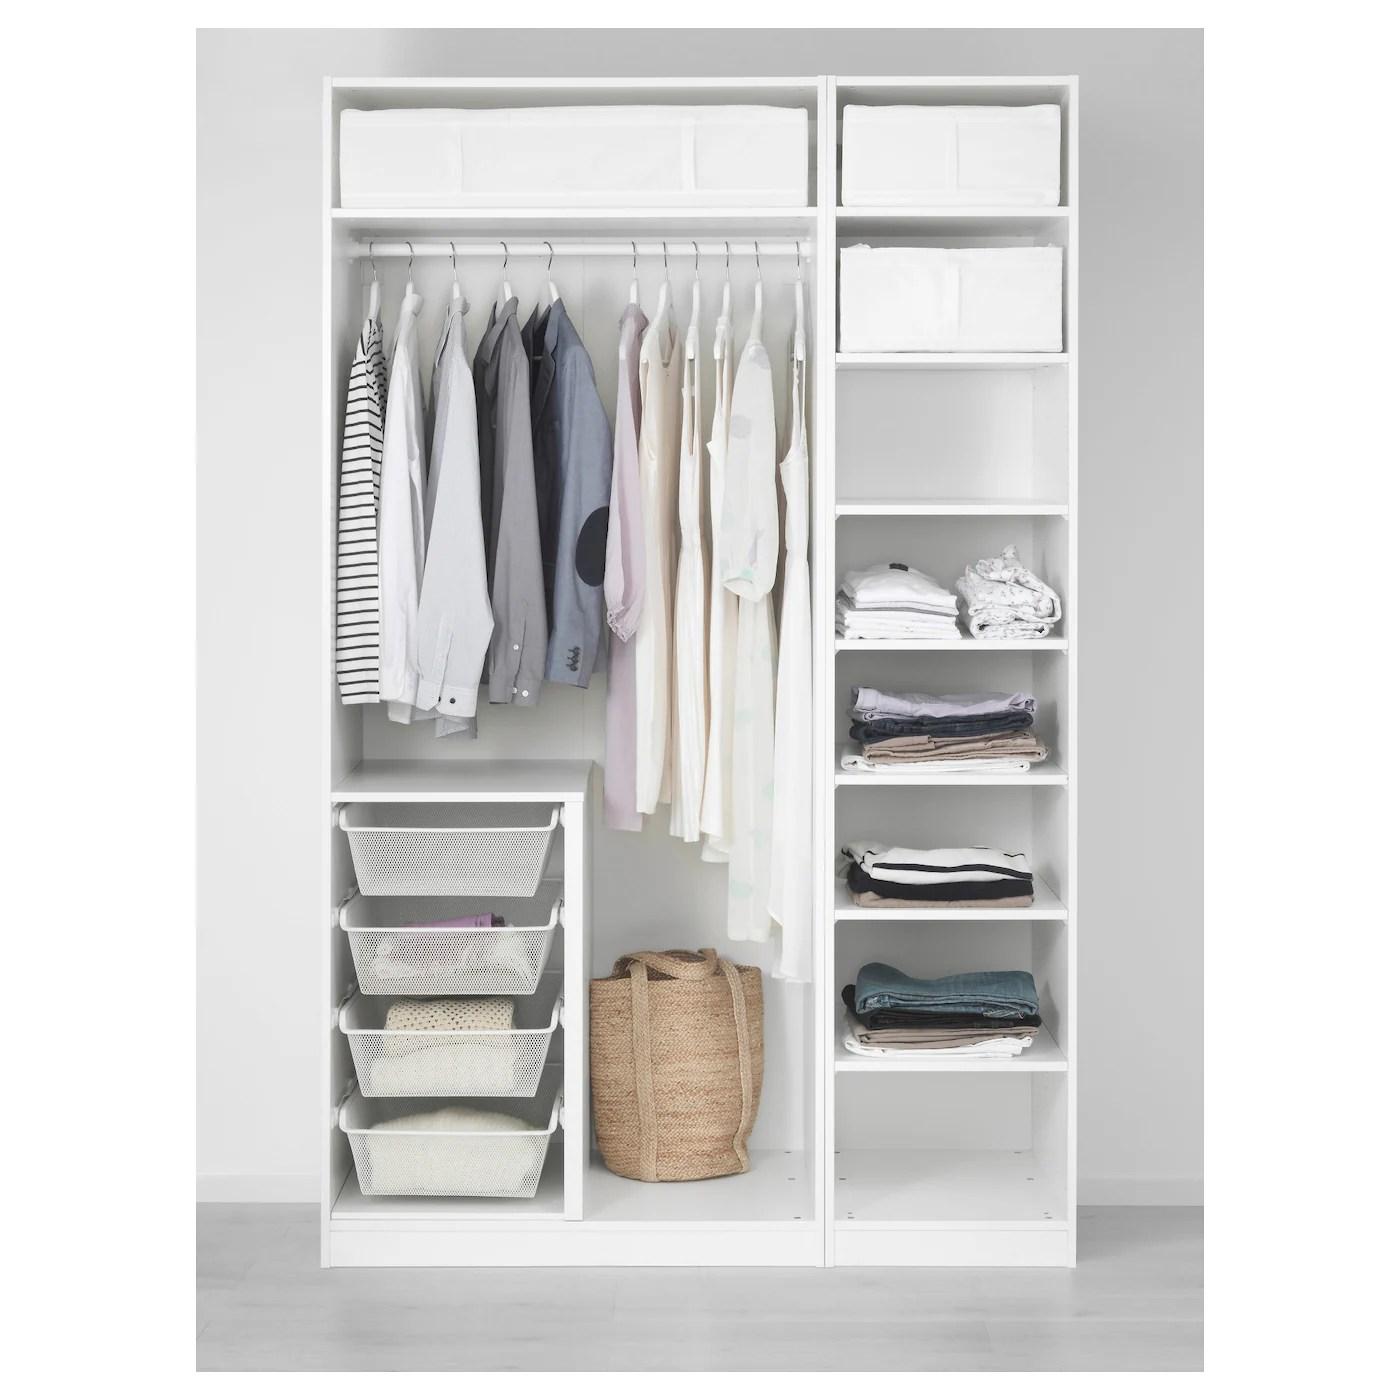 PAX Kleiderschrank   weiß, Forsand weiß   IKEA Deutschland